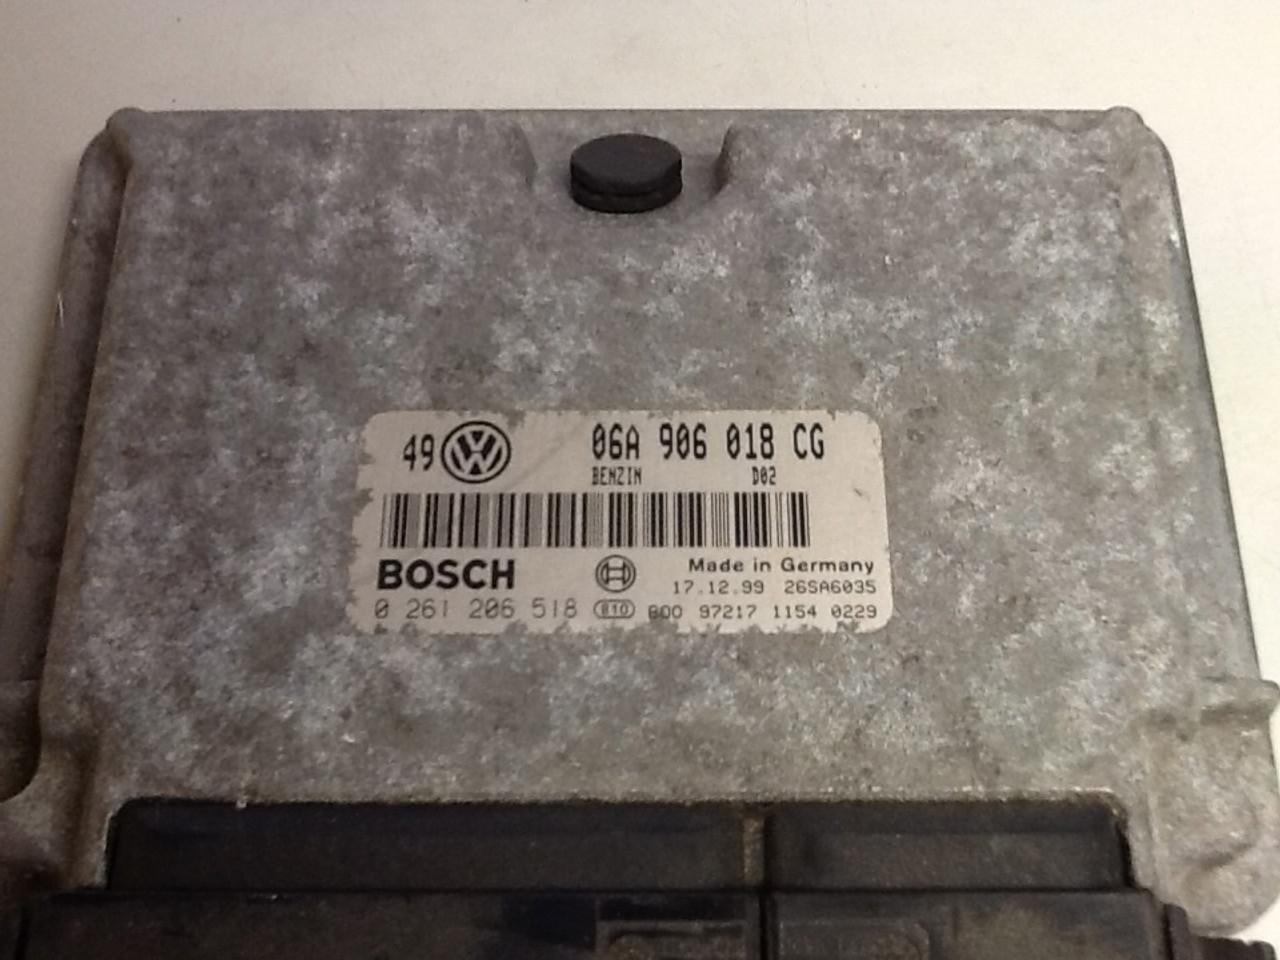 BOSCH0261206518 - 0 261 206 51806A906018CG - 06A 906 018 CG